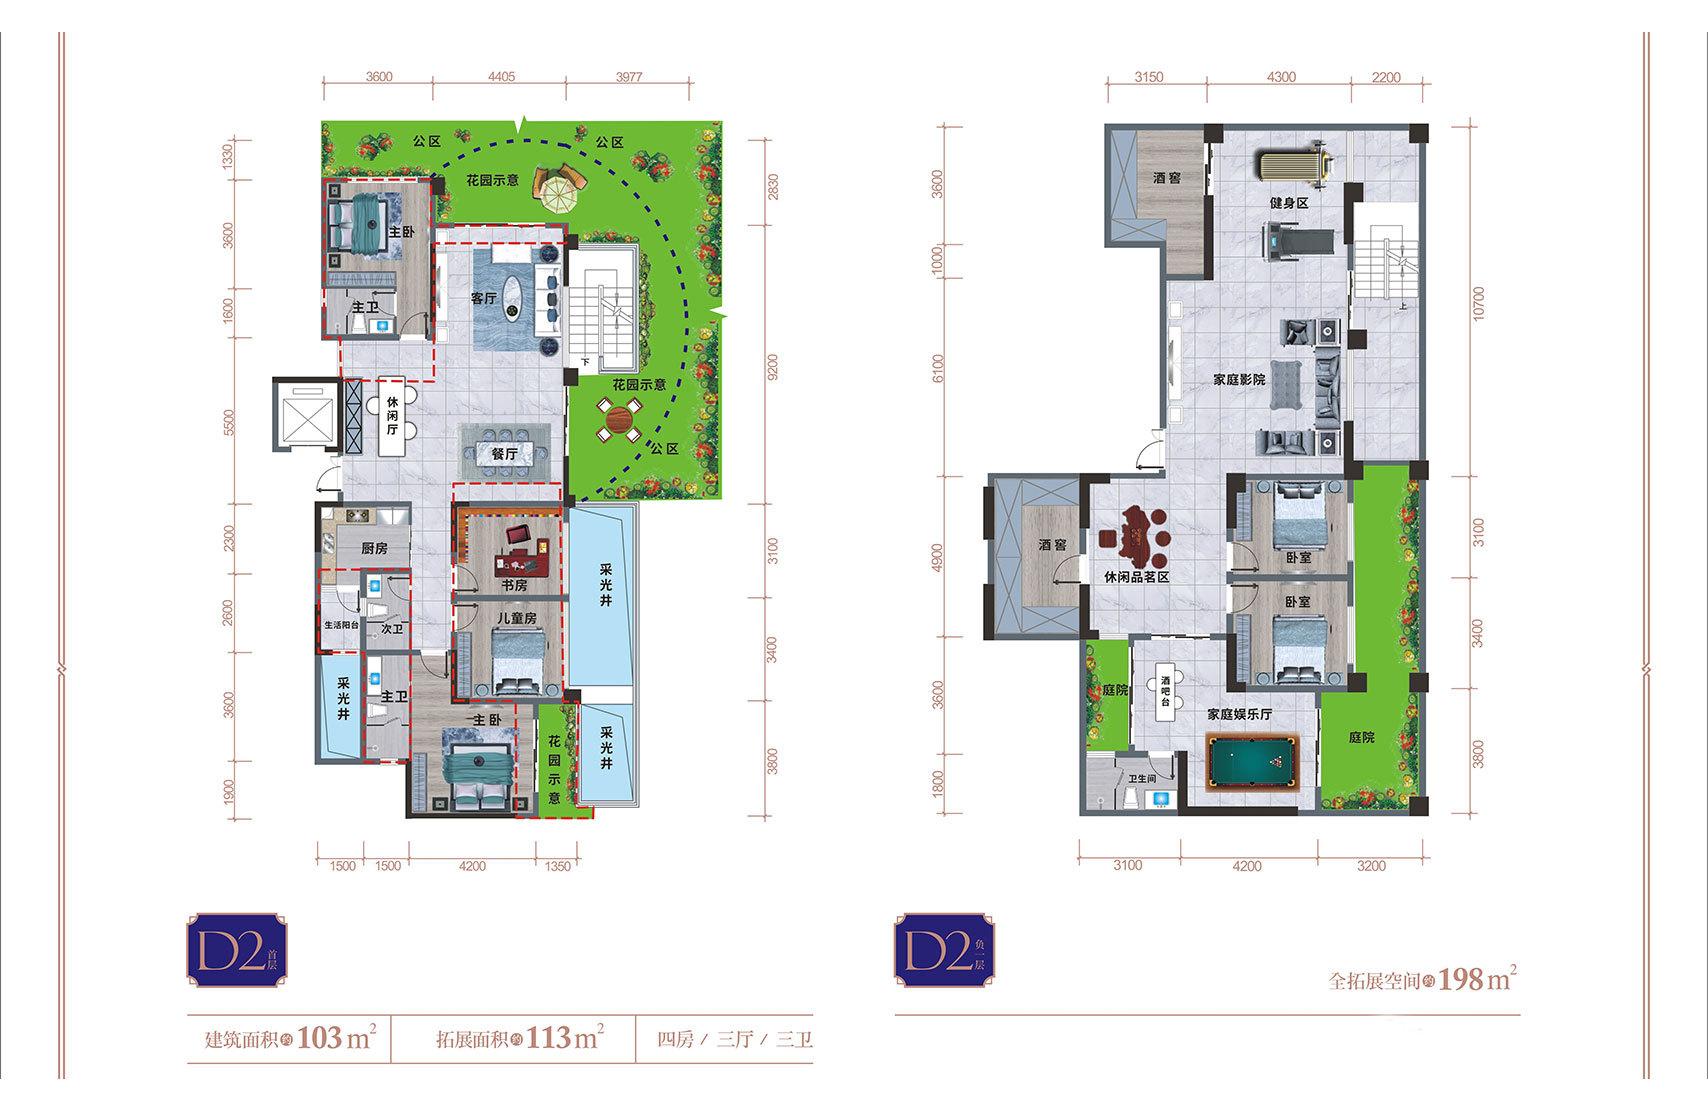 清凤龙栖海岸 D2户型 4房3厅3卫 建筑面积约103㎡